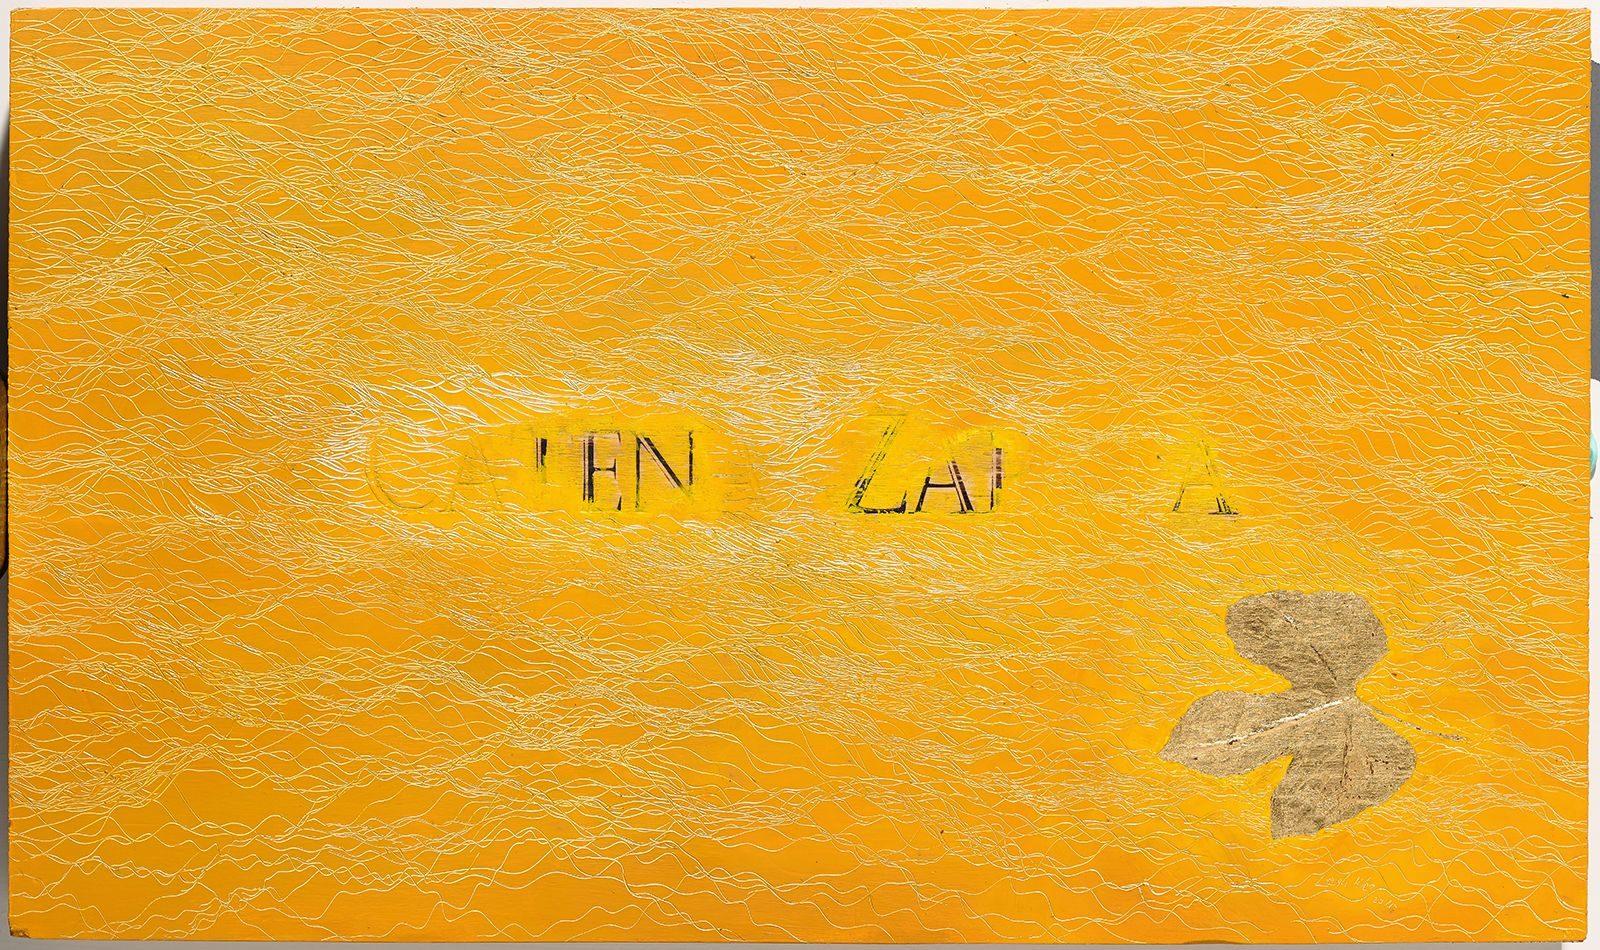 引徑-2, Side Track-2, 35.5 x 60 cm, mixed media, 2015